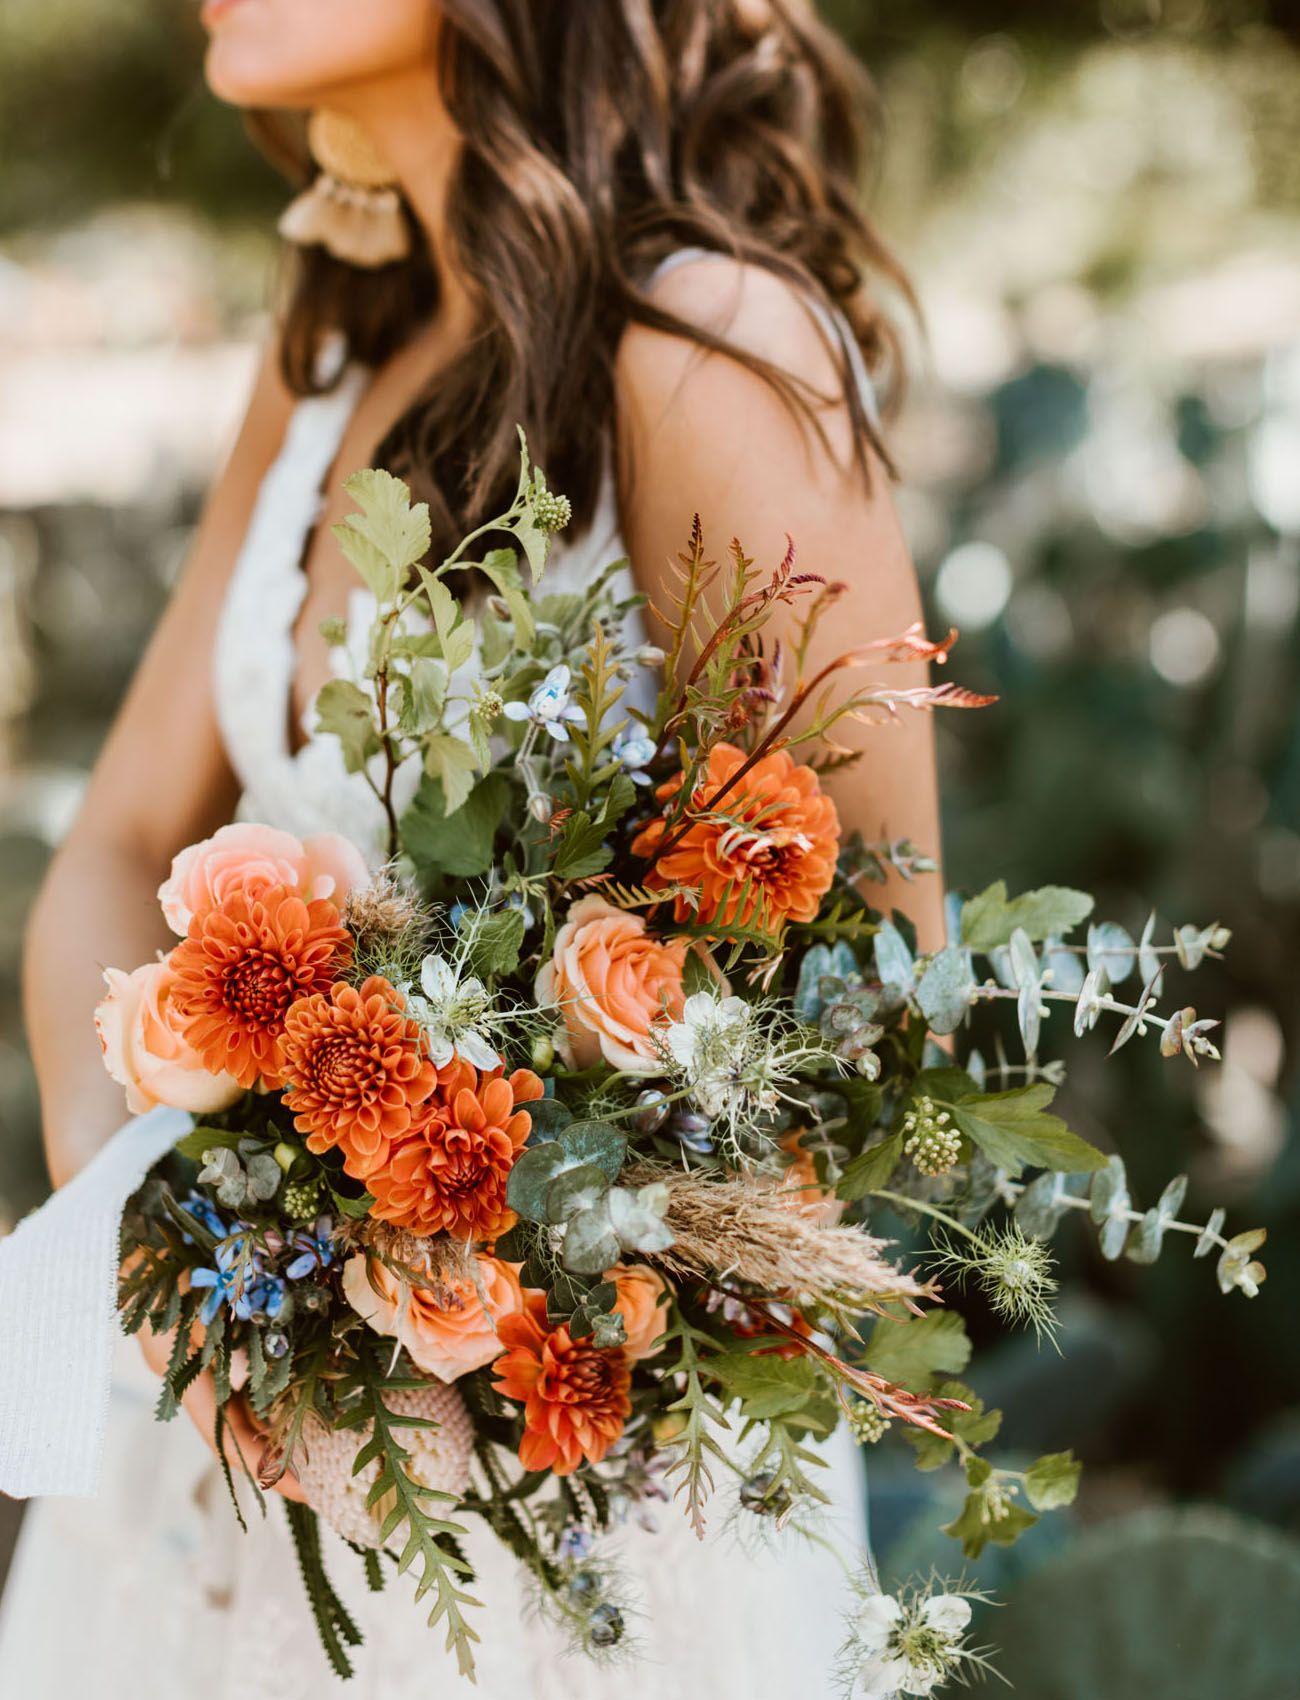 Festival Babe Turned Bride! BohoChic Summer Wedding